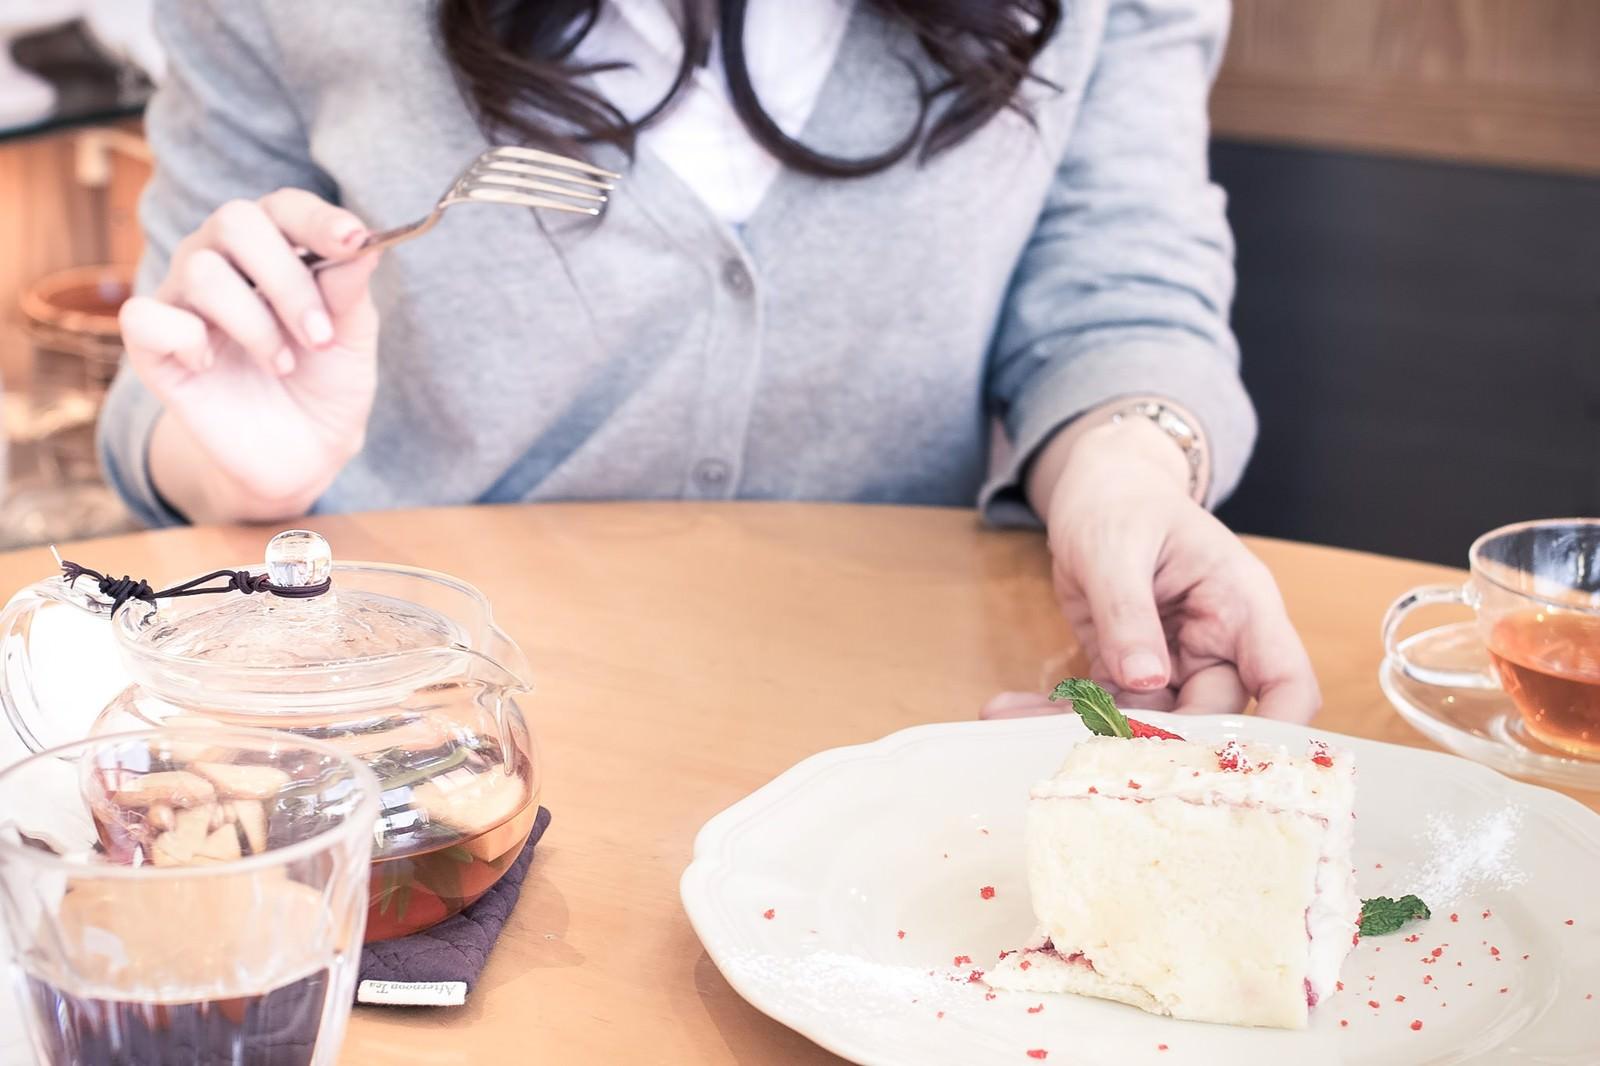 「彼女とカフェでケーキを食べる」の写真